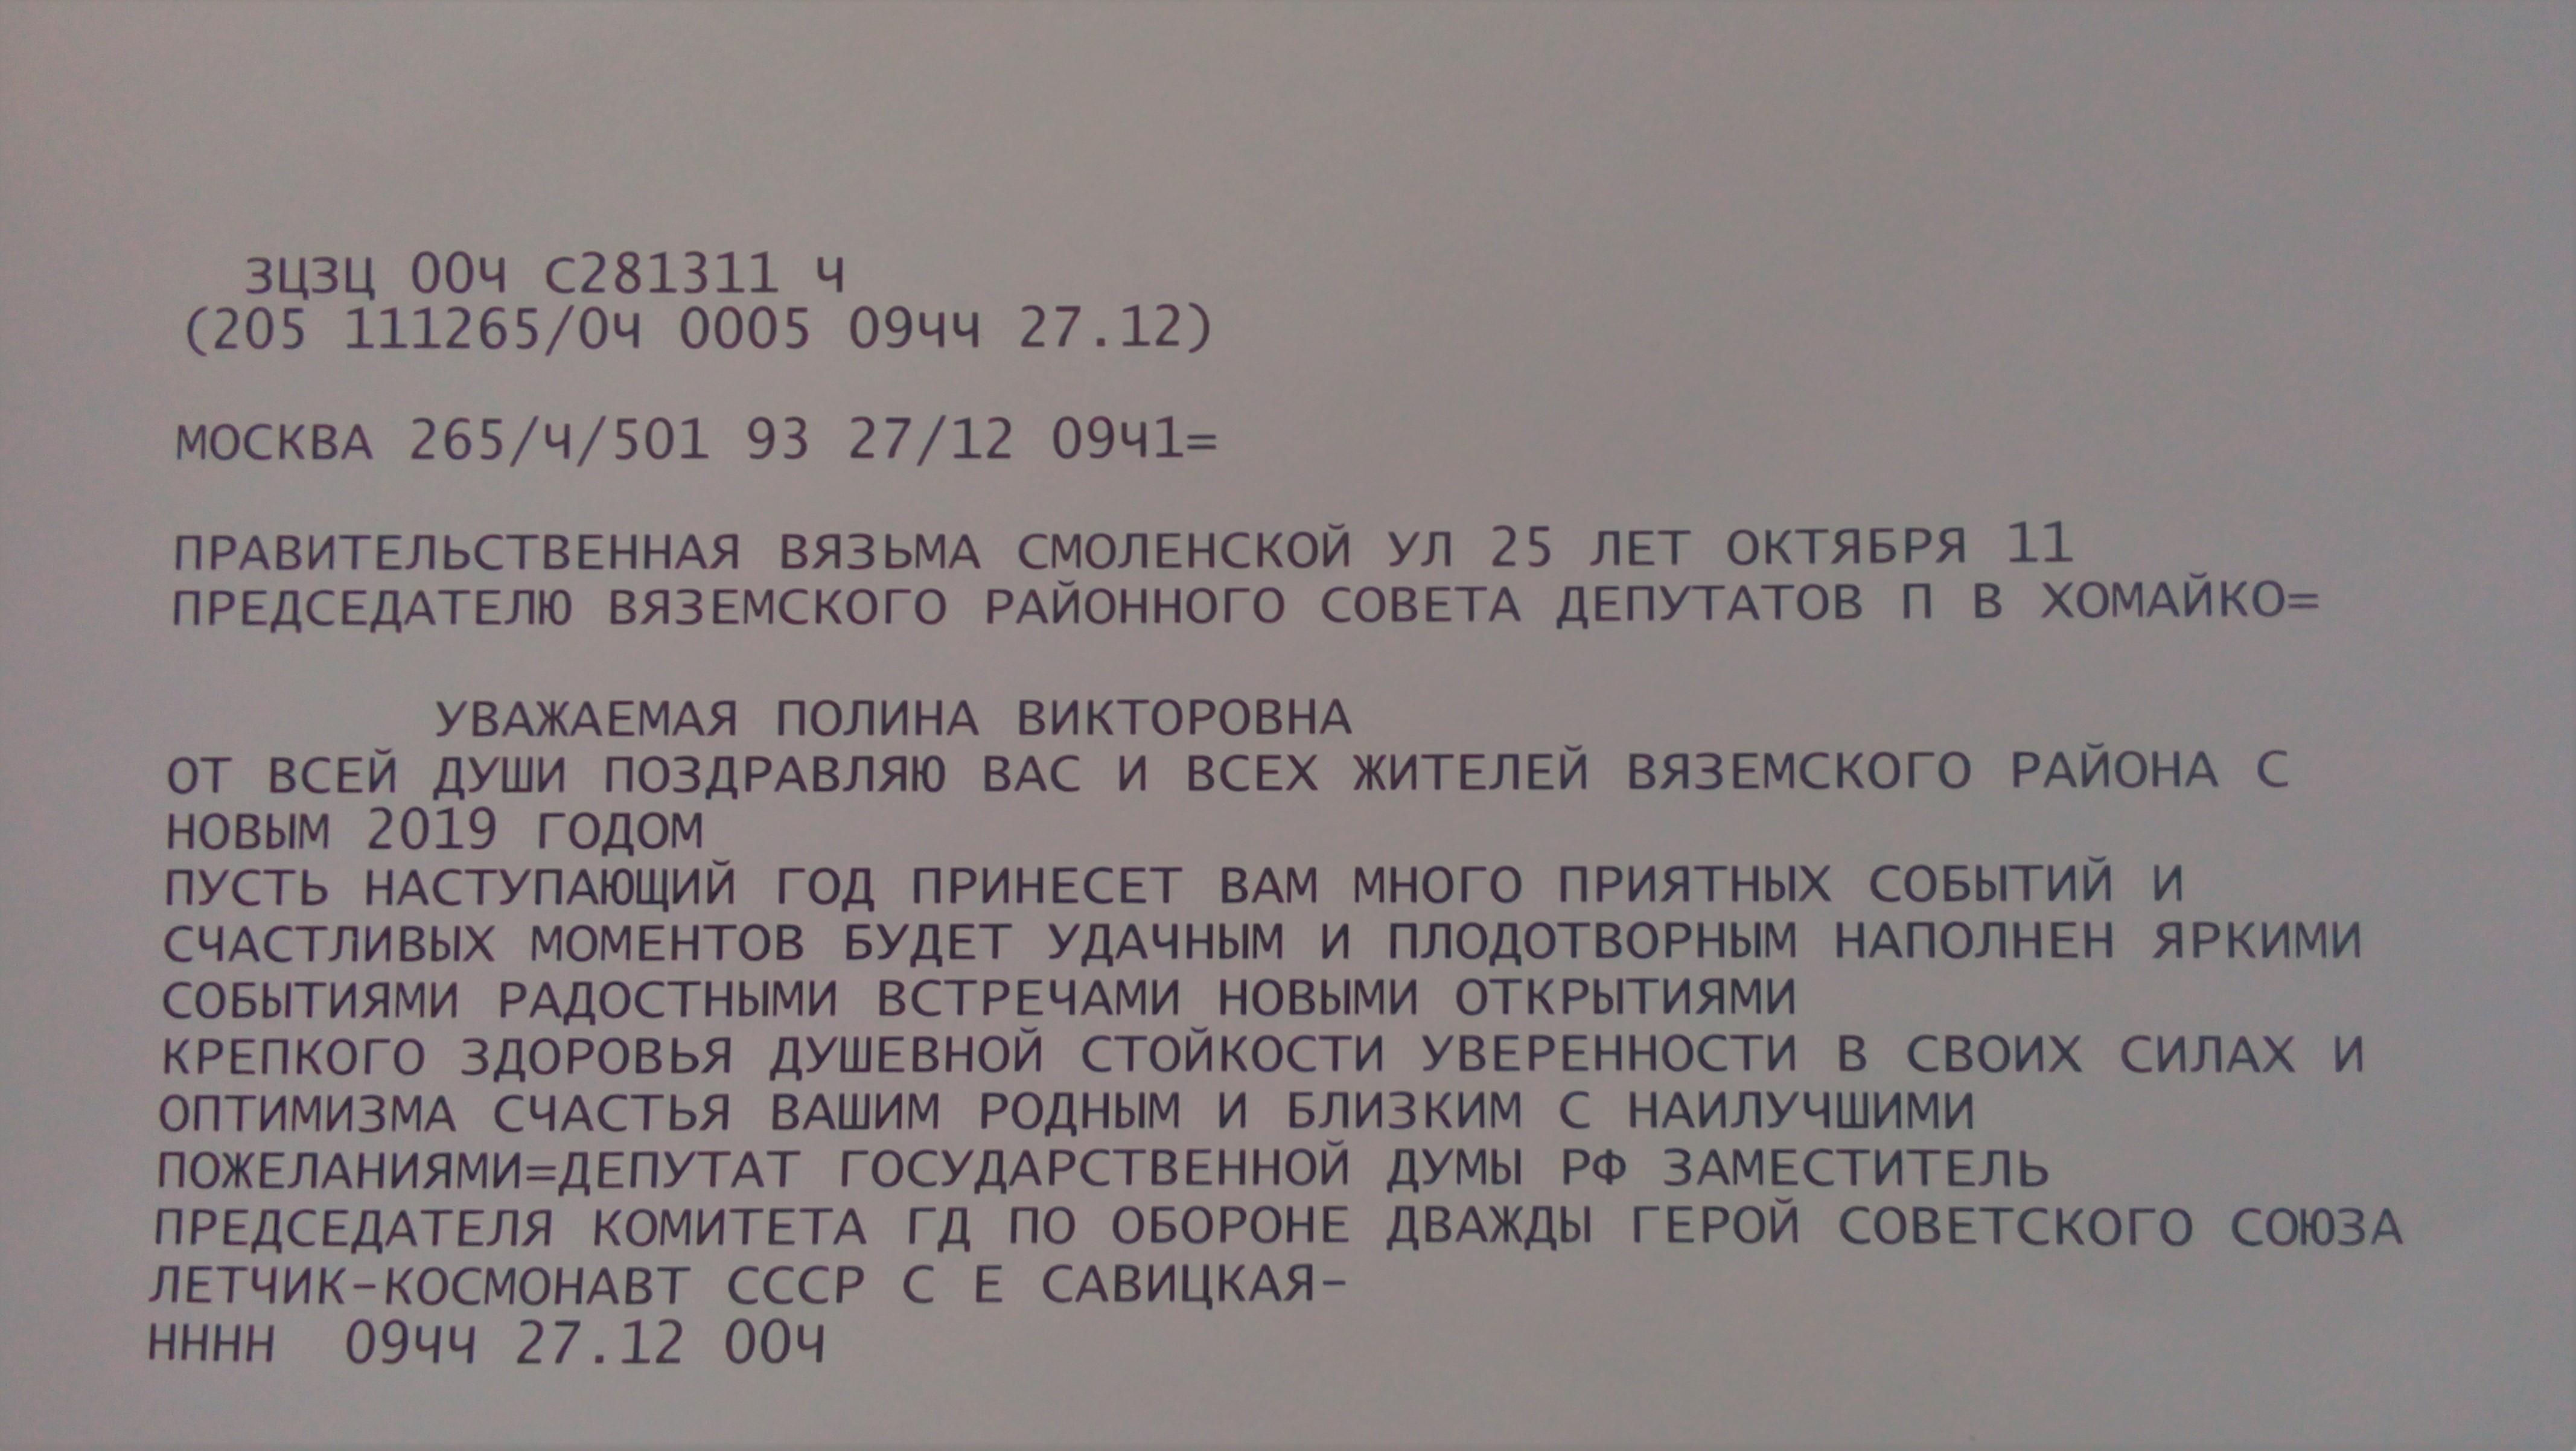 С.Е.Савицкая поздравляет жителей Вяземского района с Новым 2019 годом